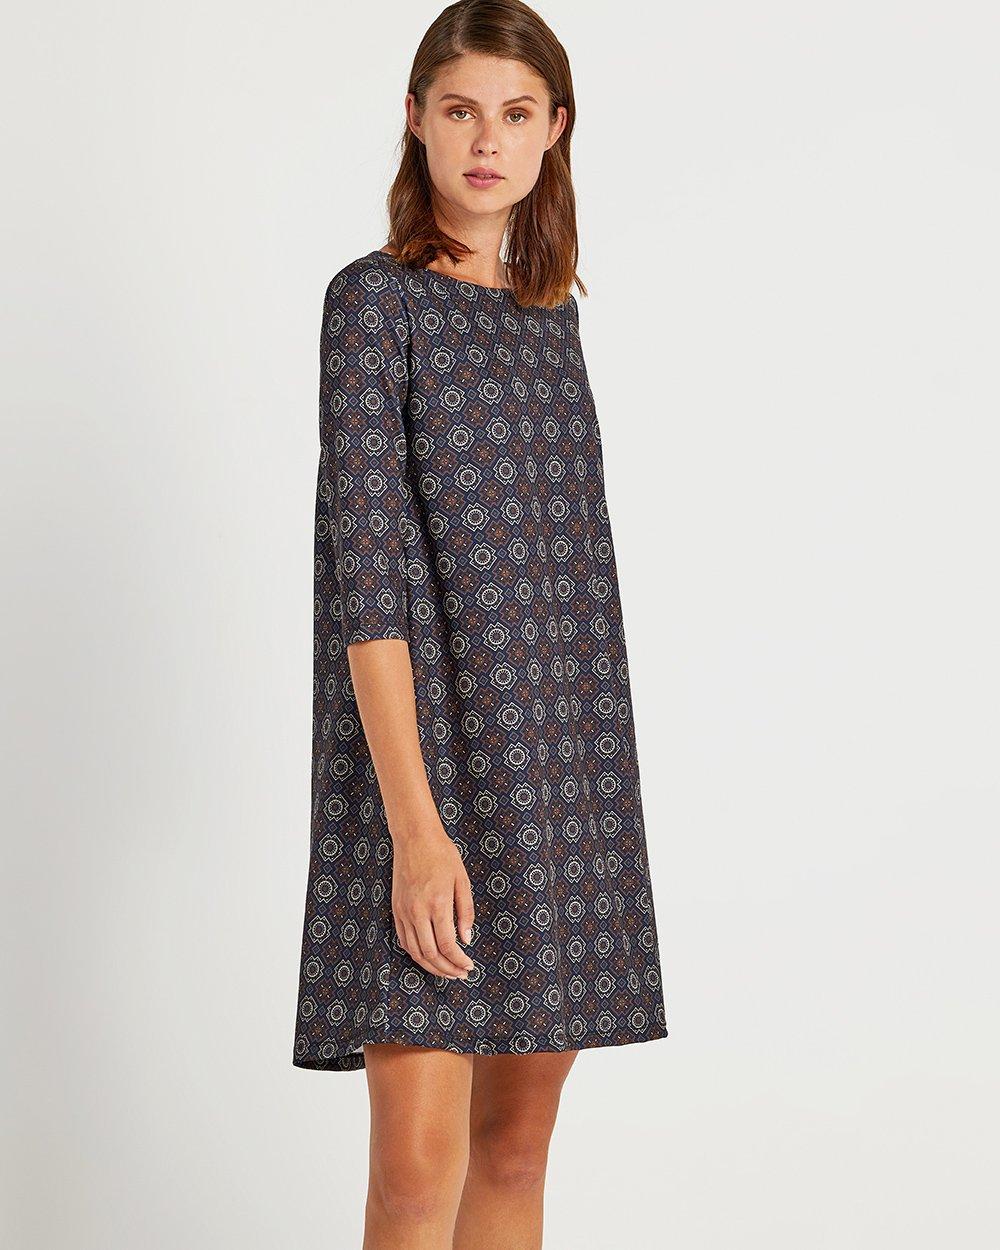 Φόρεμα με γεωμετρικό μοτίβο